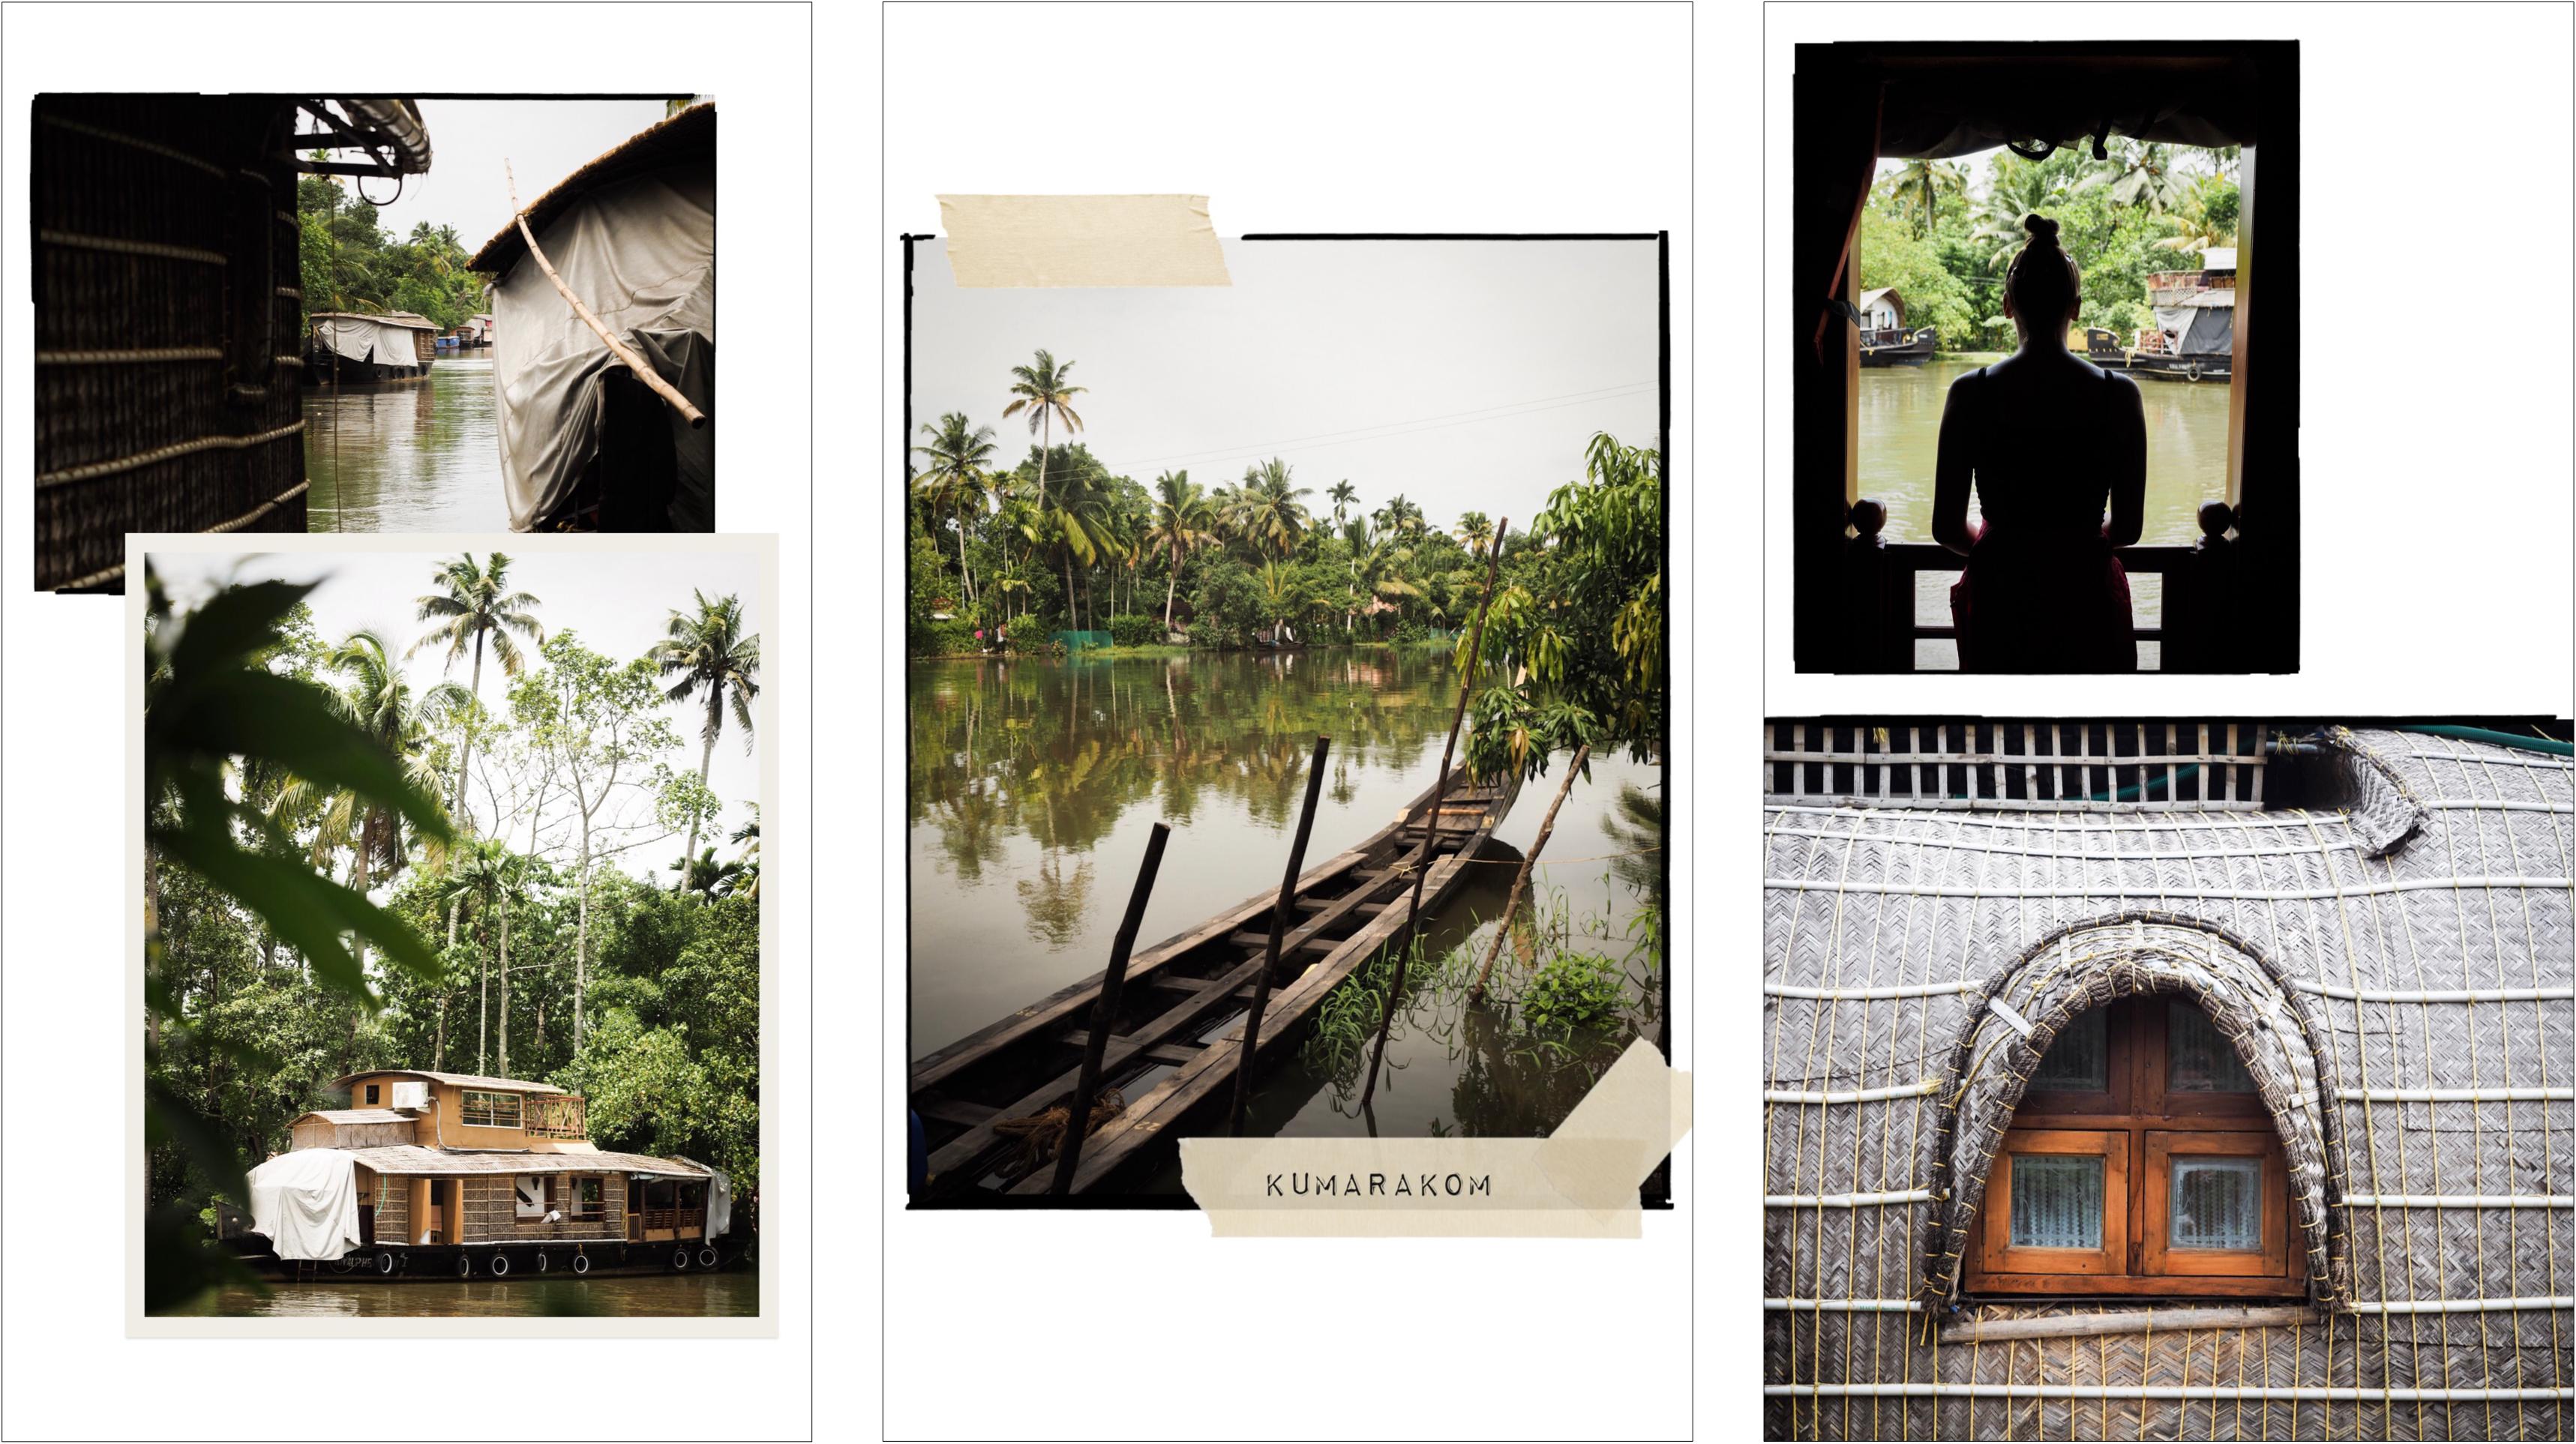 voyager au kerala - dormir chez l'habitant au kerala - mousson au Kerala - découvrir les backwaters en Inde